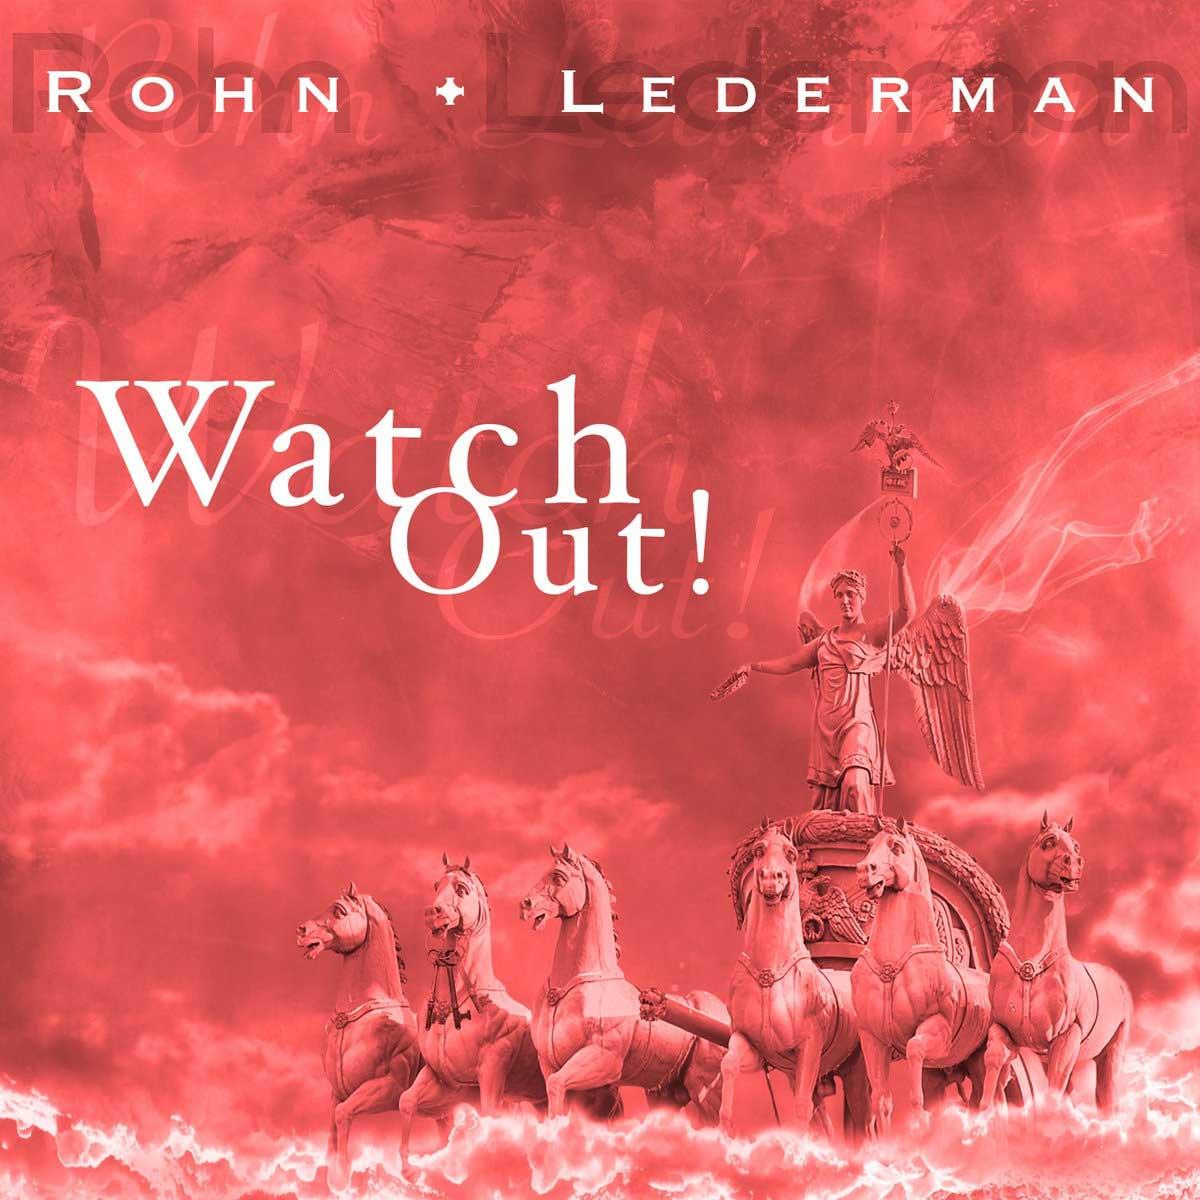 Rohn + Lederman - Watch Out! (Leæther Strip Remix) - Rohn + Lederman - Watch Out!